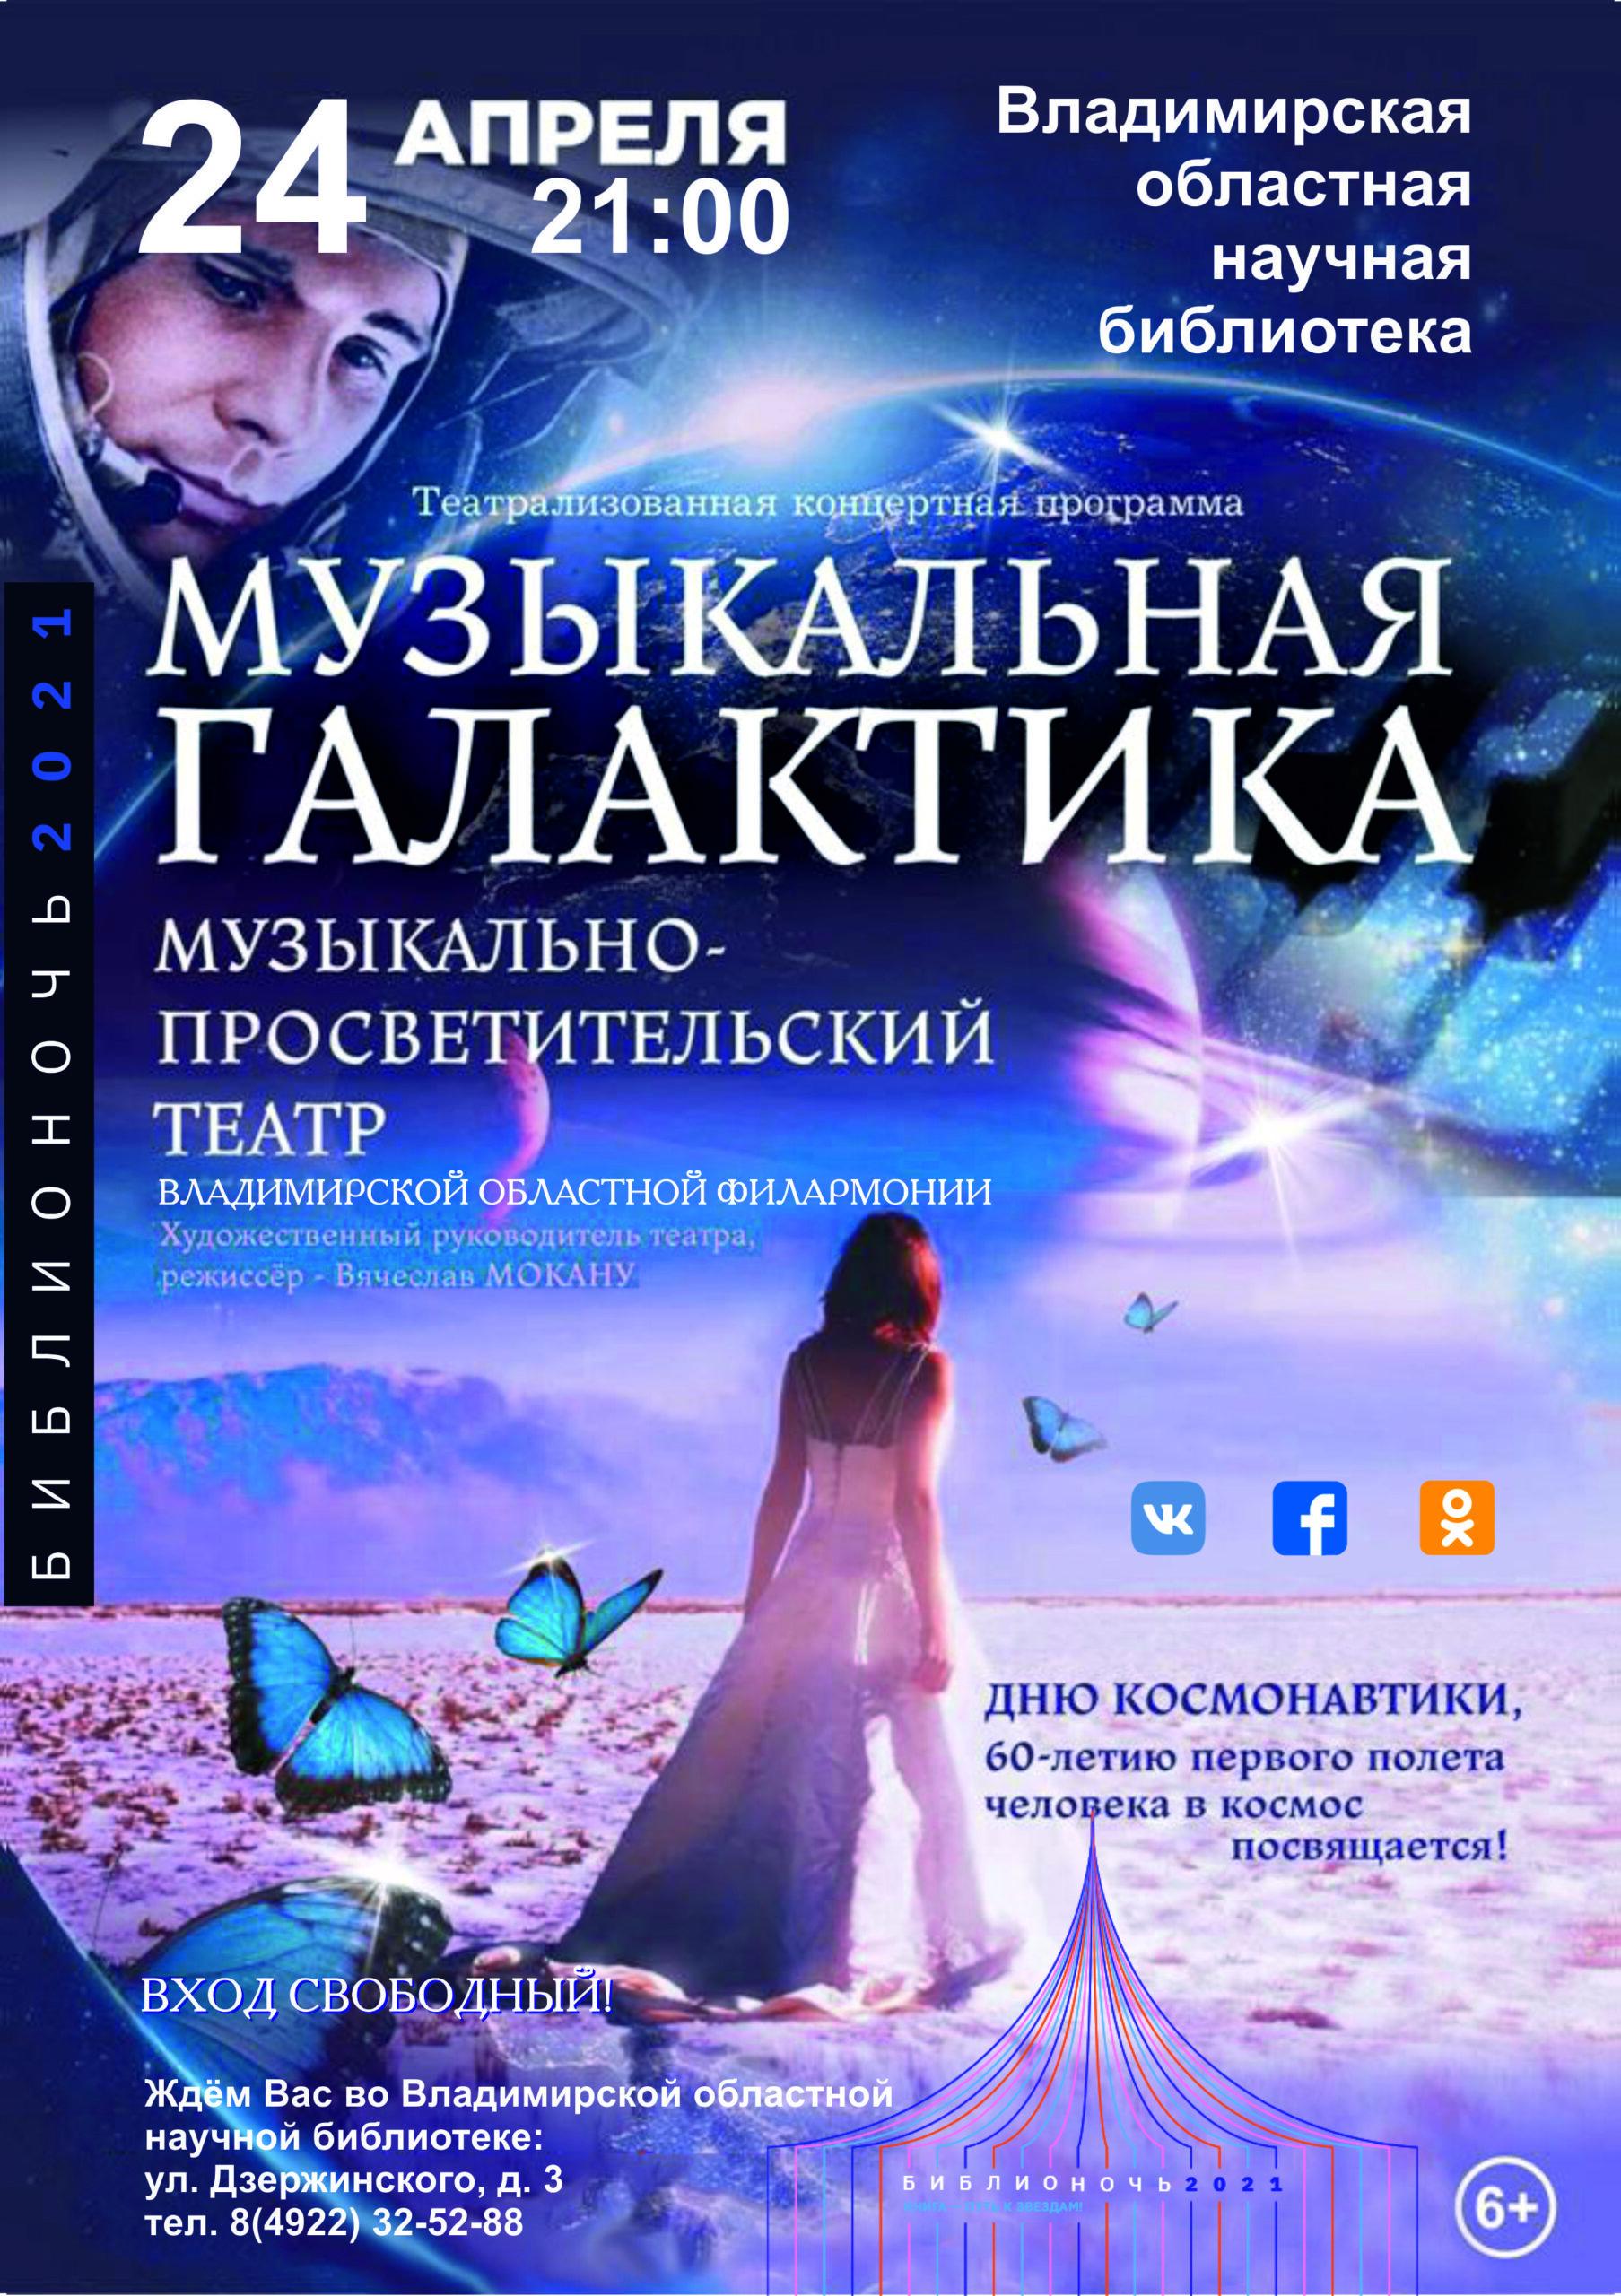 Афиша Музыкальной галактики